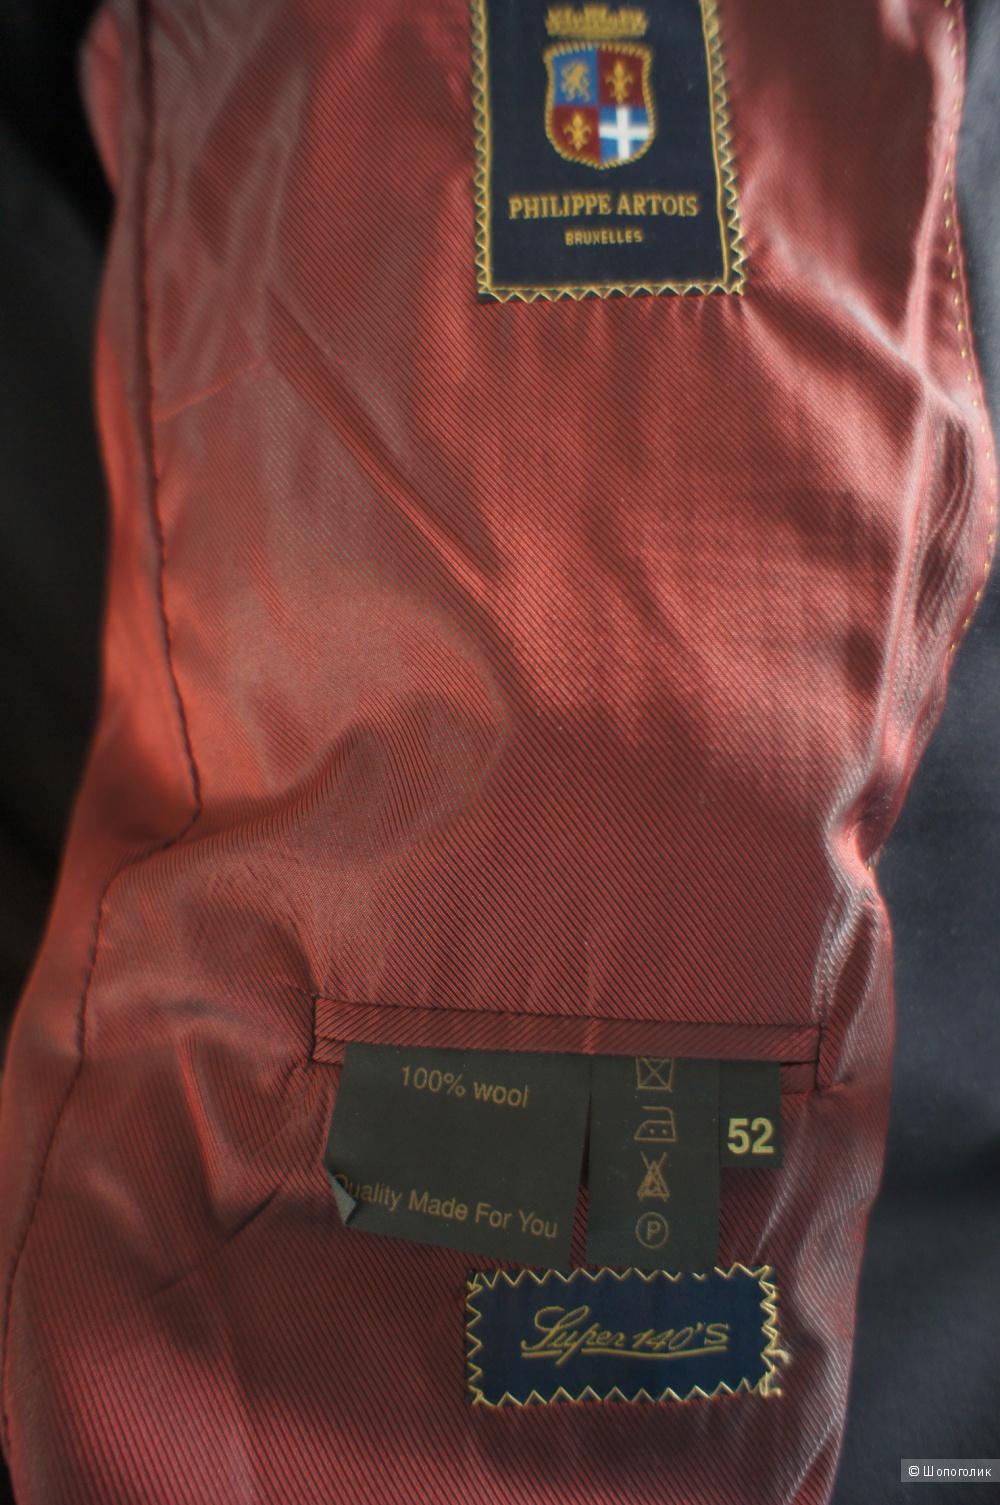 Мужской костюм Philippe Artois , р 52, рост 186